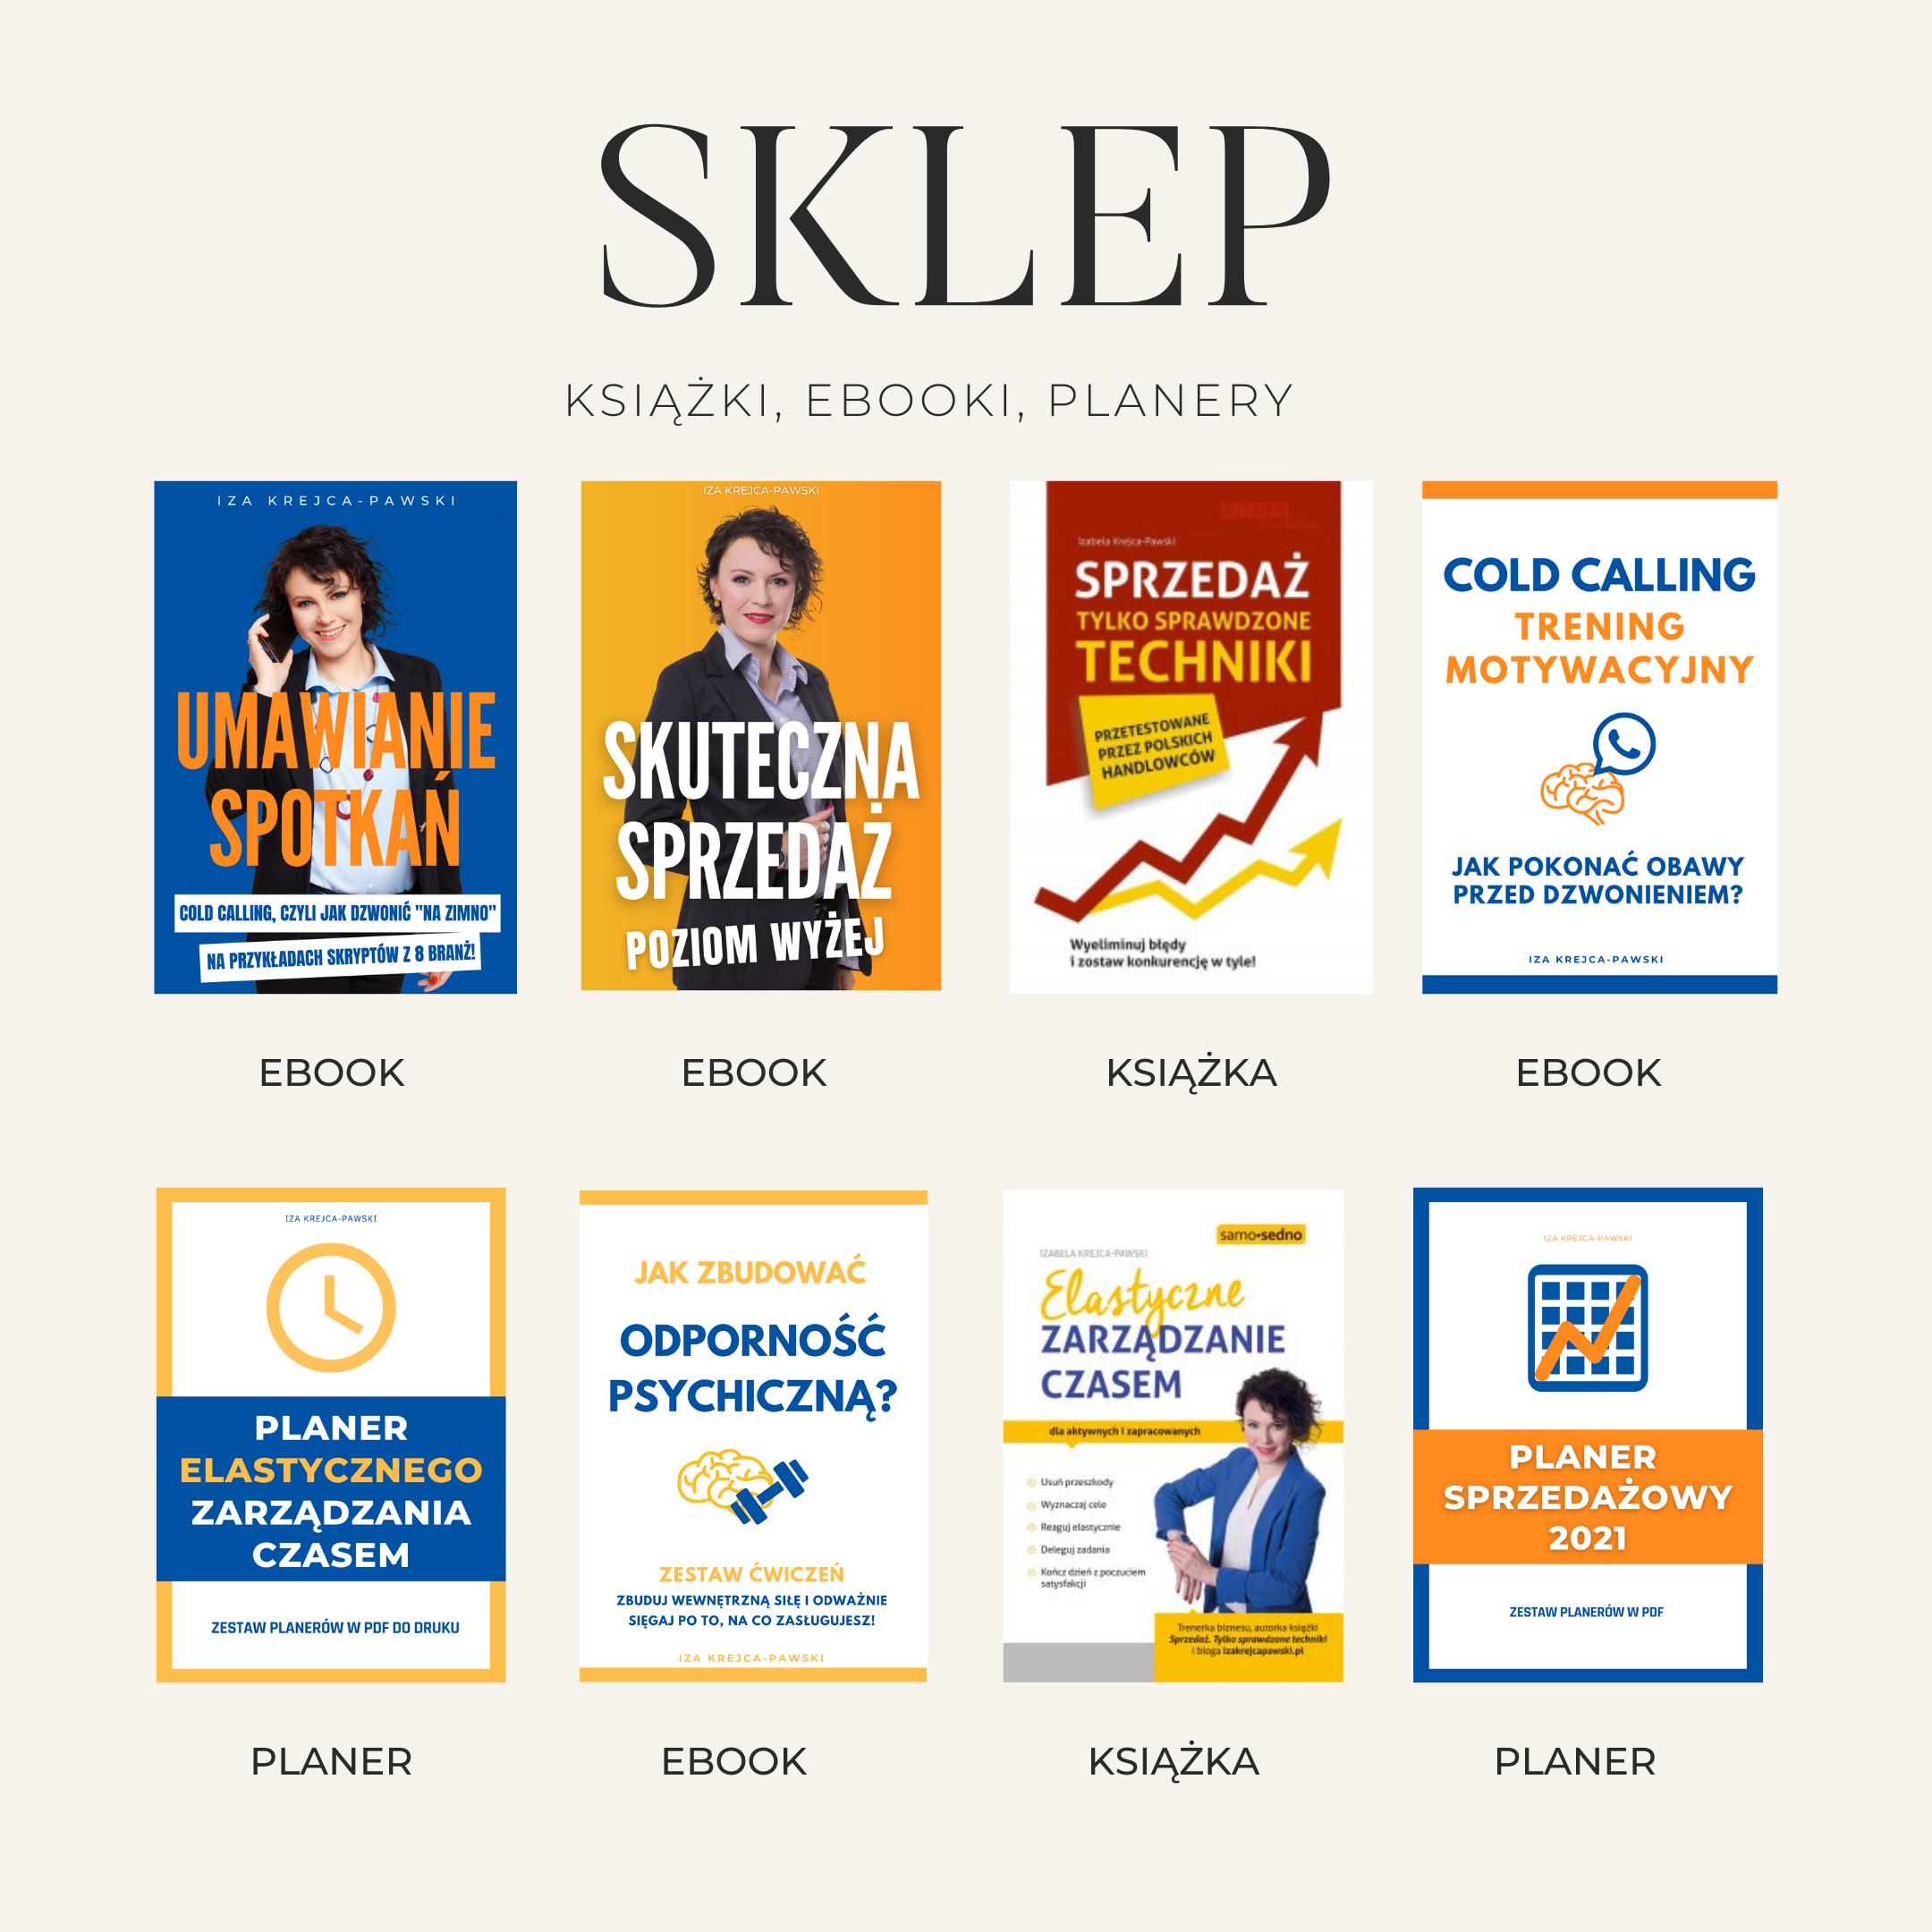 Jak skutecznie umawiać spotkania z klientami_Iza Krejca-Pawski_ebook